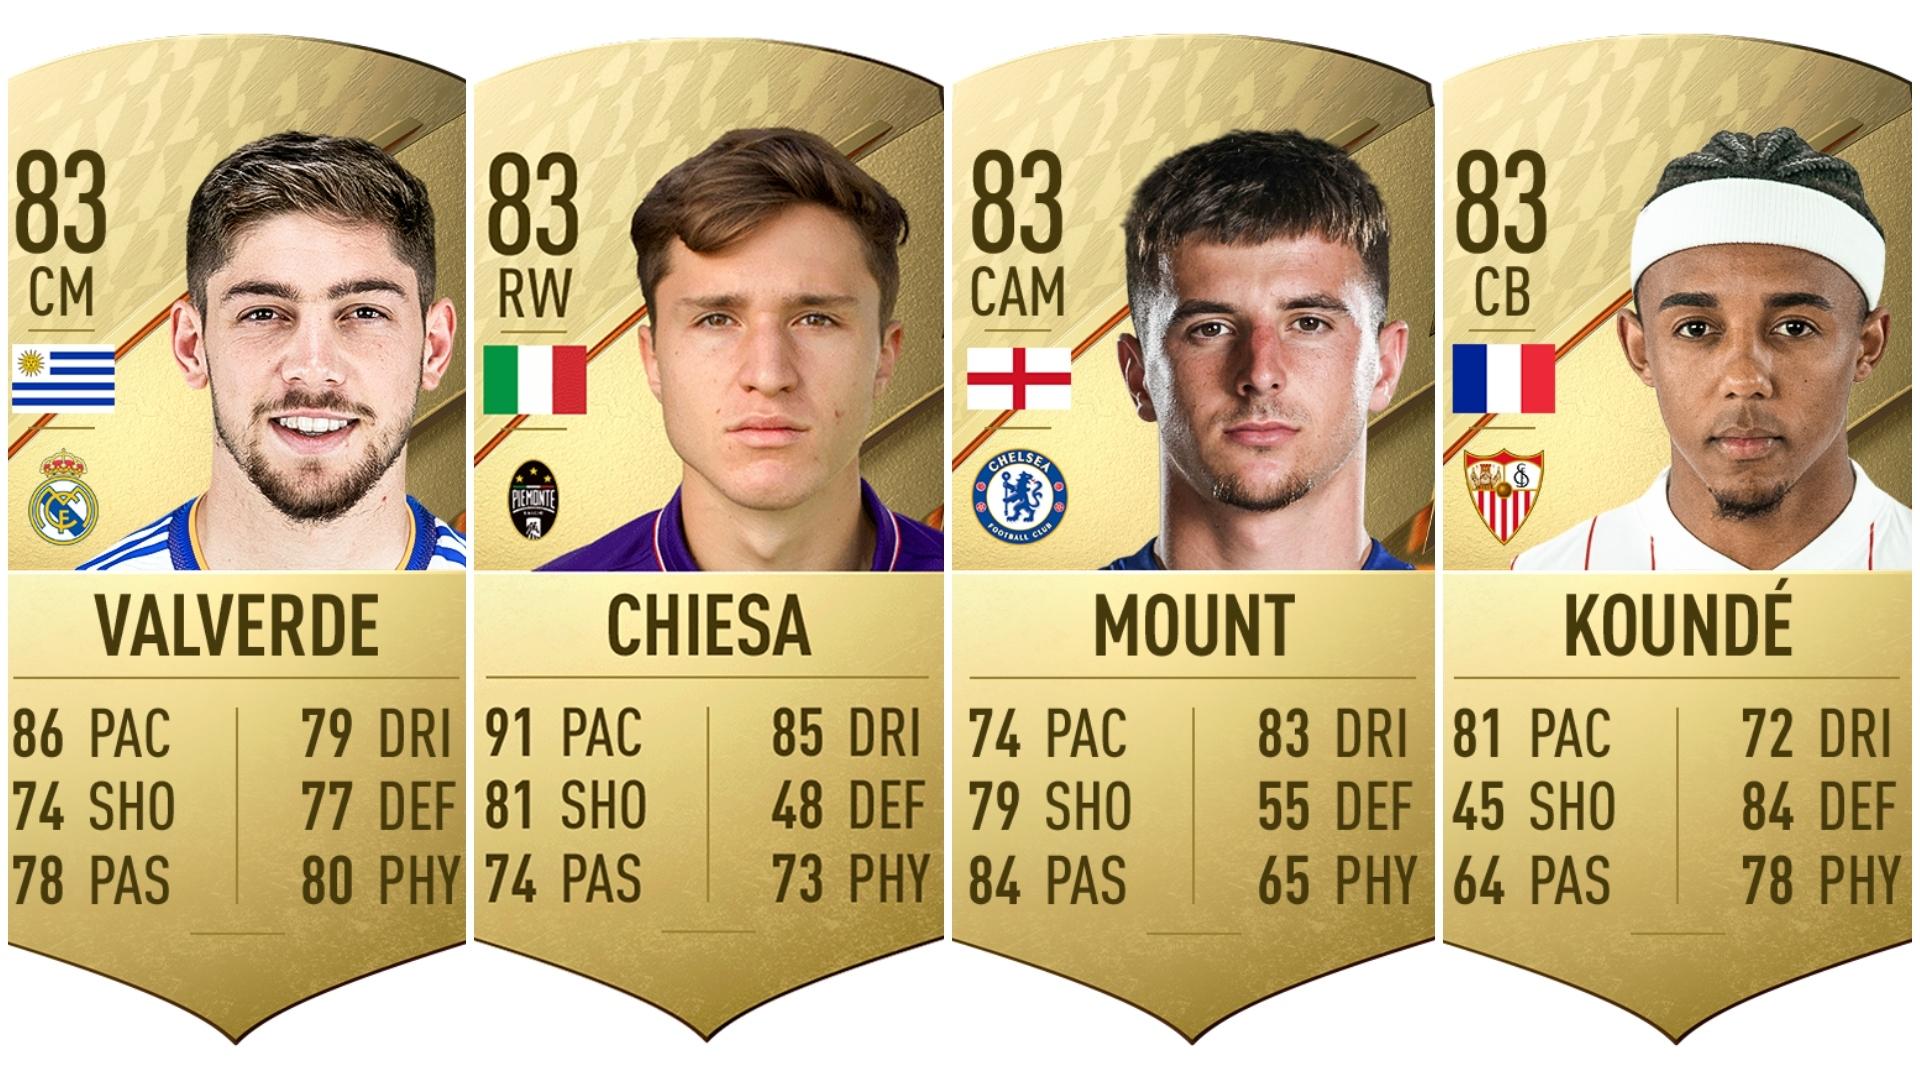 Jugadores con más potencial de FIFA 22